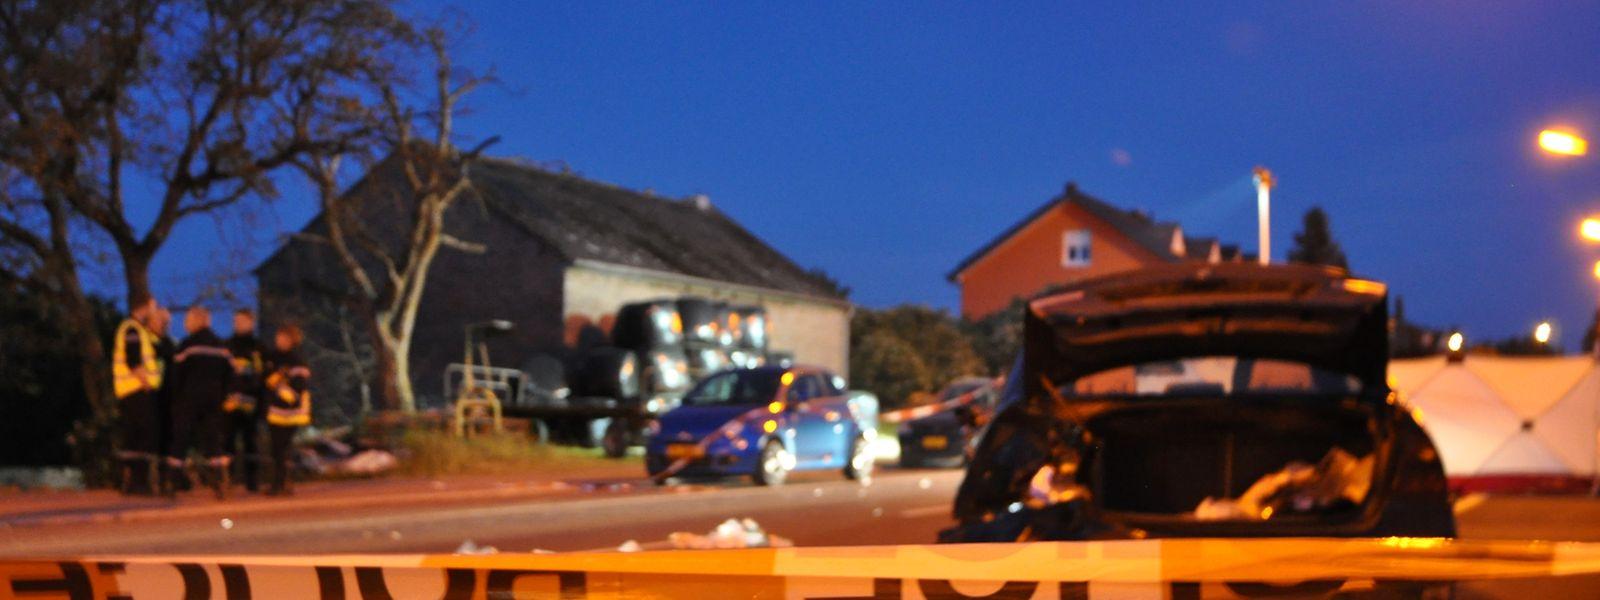 Der tödliche Vorfall ereignete sich gegen 1.30 Uhr in der Hauptstraße von Dippach.